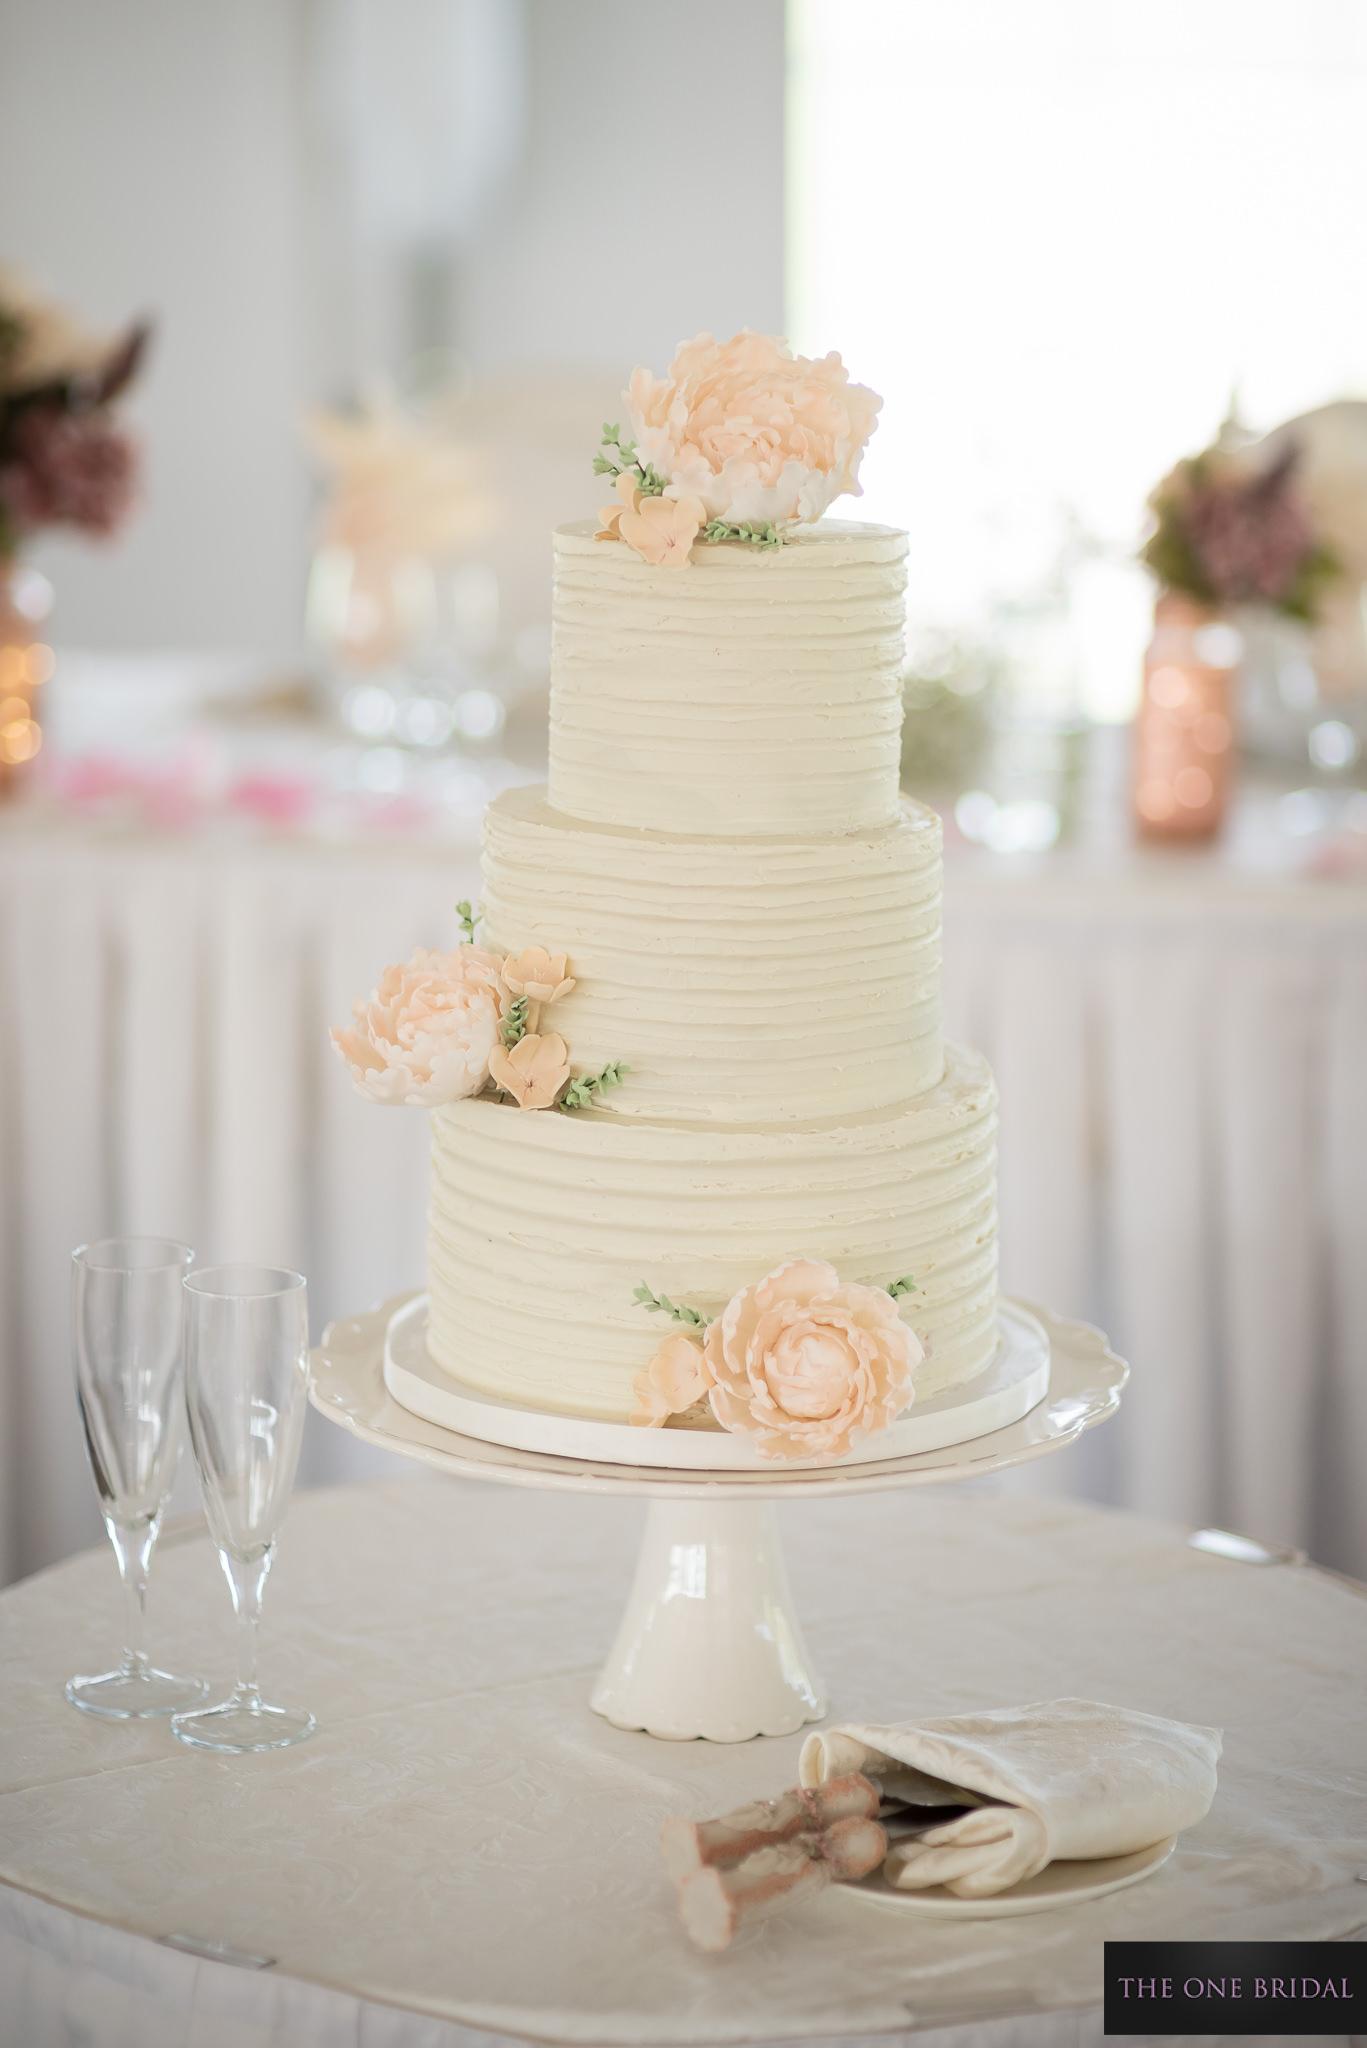 mandarin-golf-club-wedding-markham-the-one-bridal-120